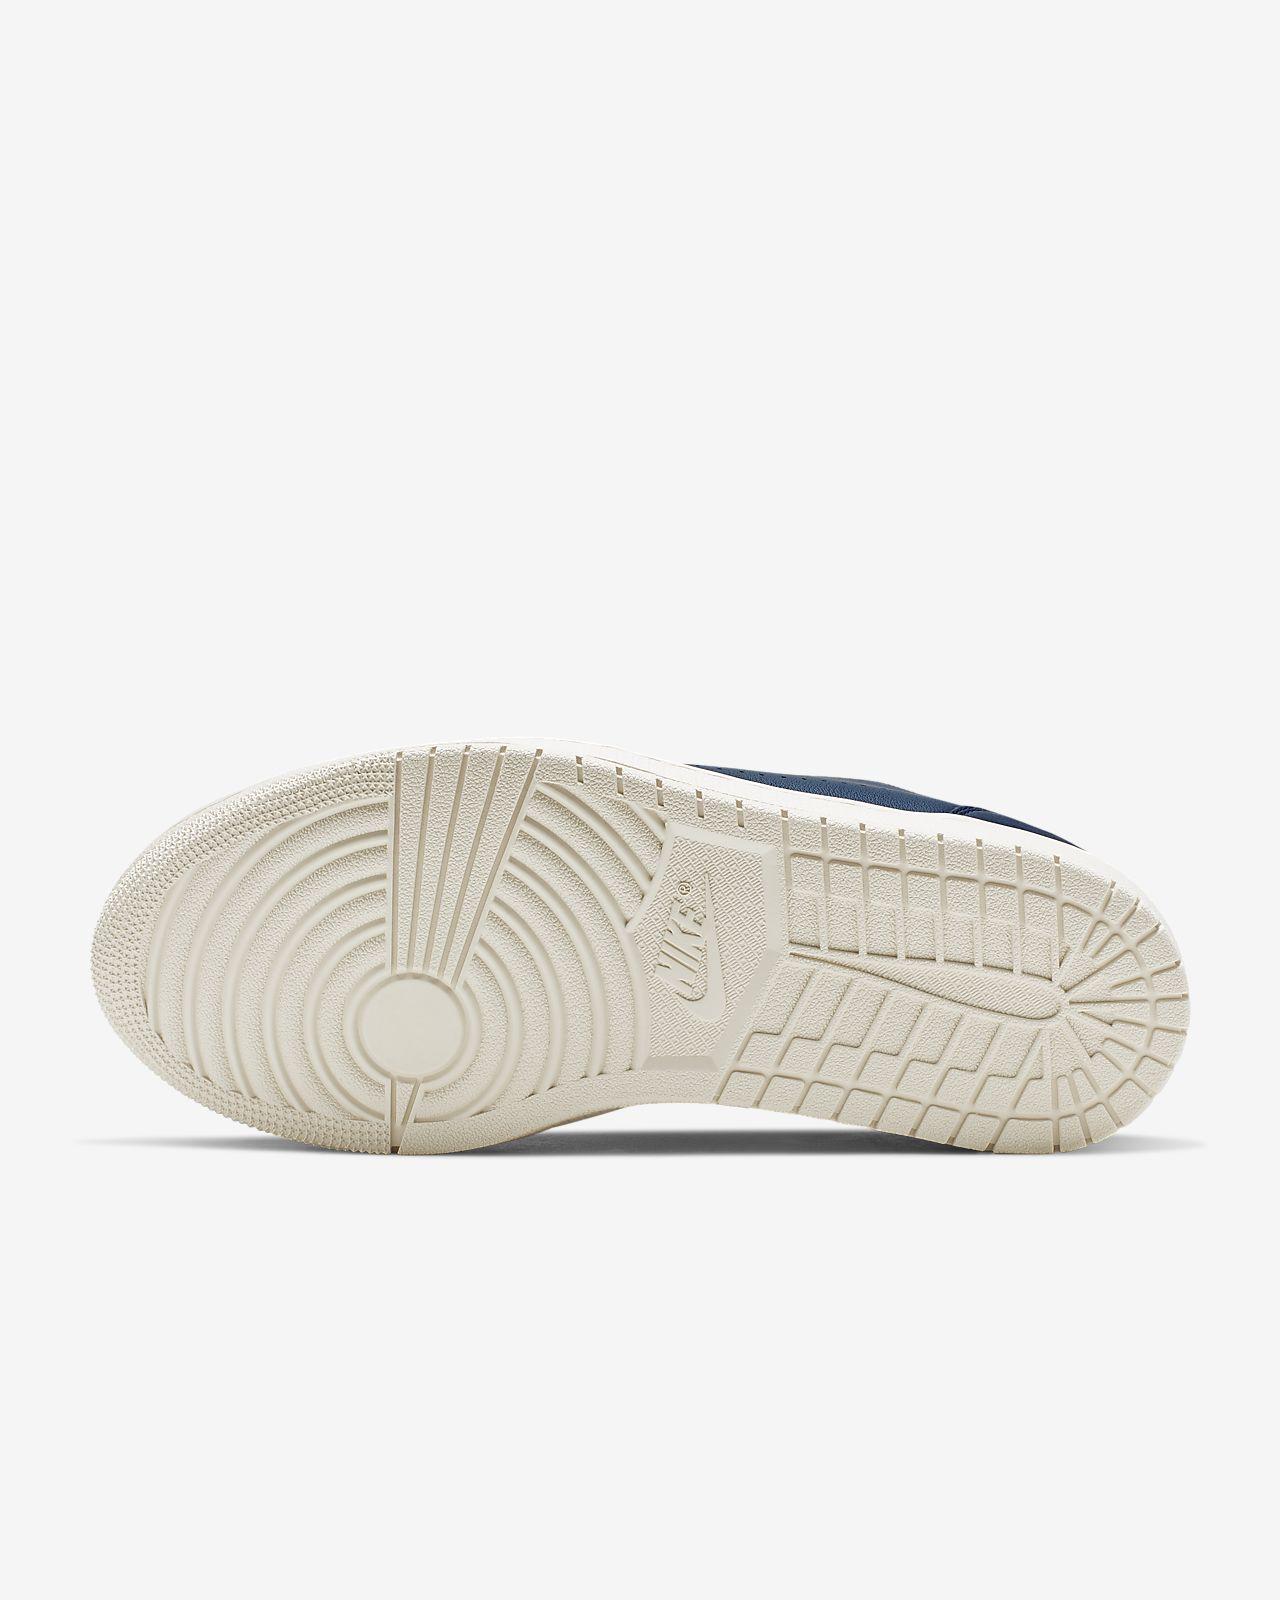 79704e1e48dc Air Jordan 1 Retro Low Slip Women s Shoe. Nike.com NO